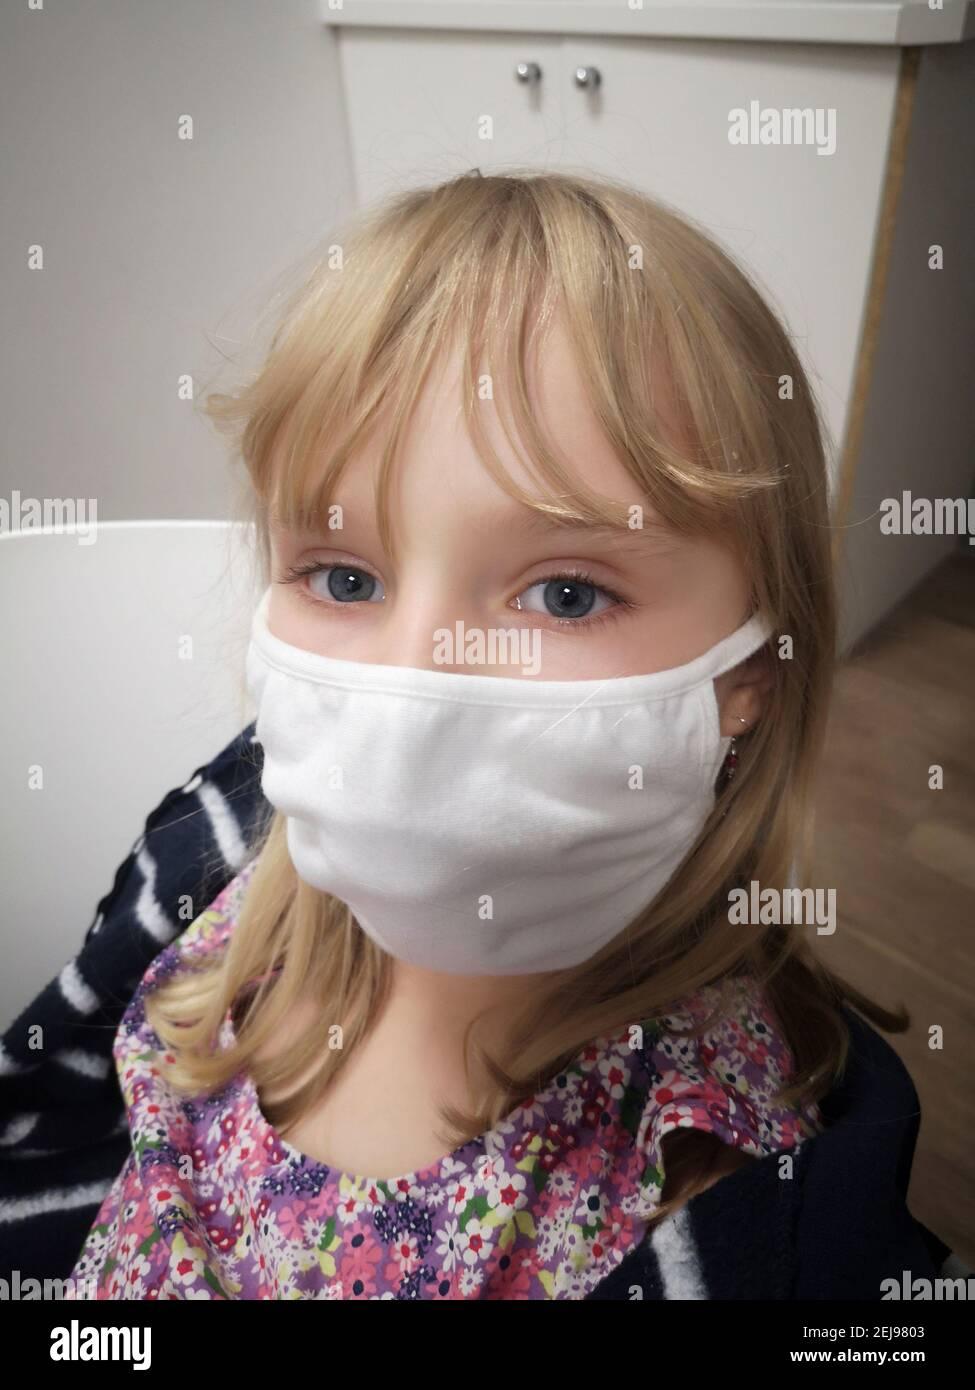 Portrait gros-plan d'une fillette Européenne de 8 ans portant un masque en tissu contre le coronavirus, France, Europe, covid19 Banque D'Images